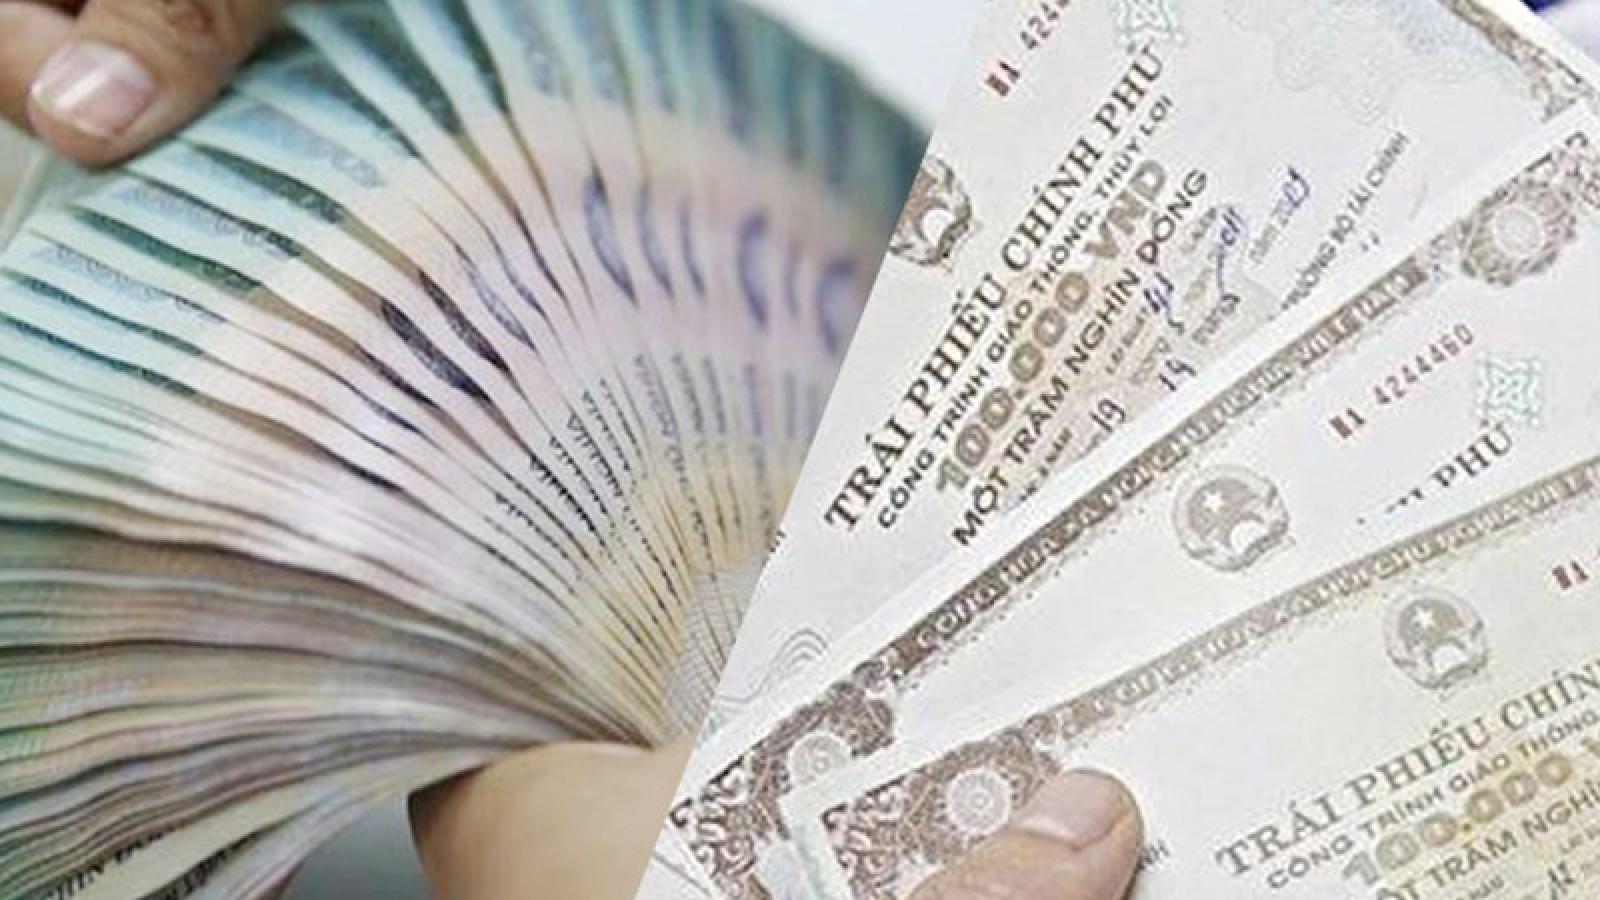 Huy động hơn 39.200 tỷ đồng trái phiếu Chính phủ trong quý I